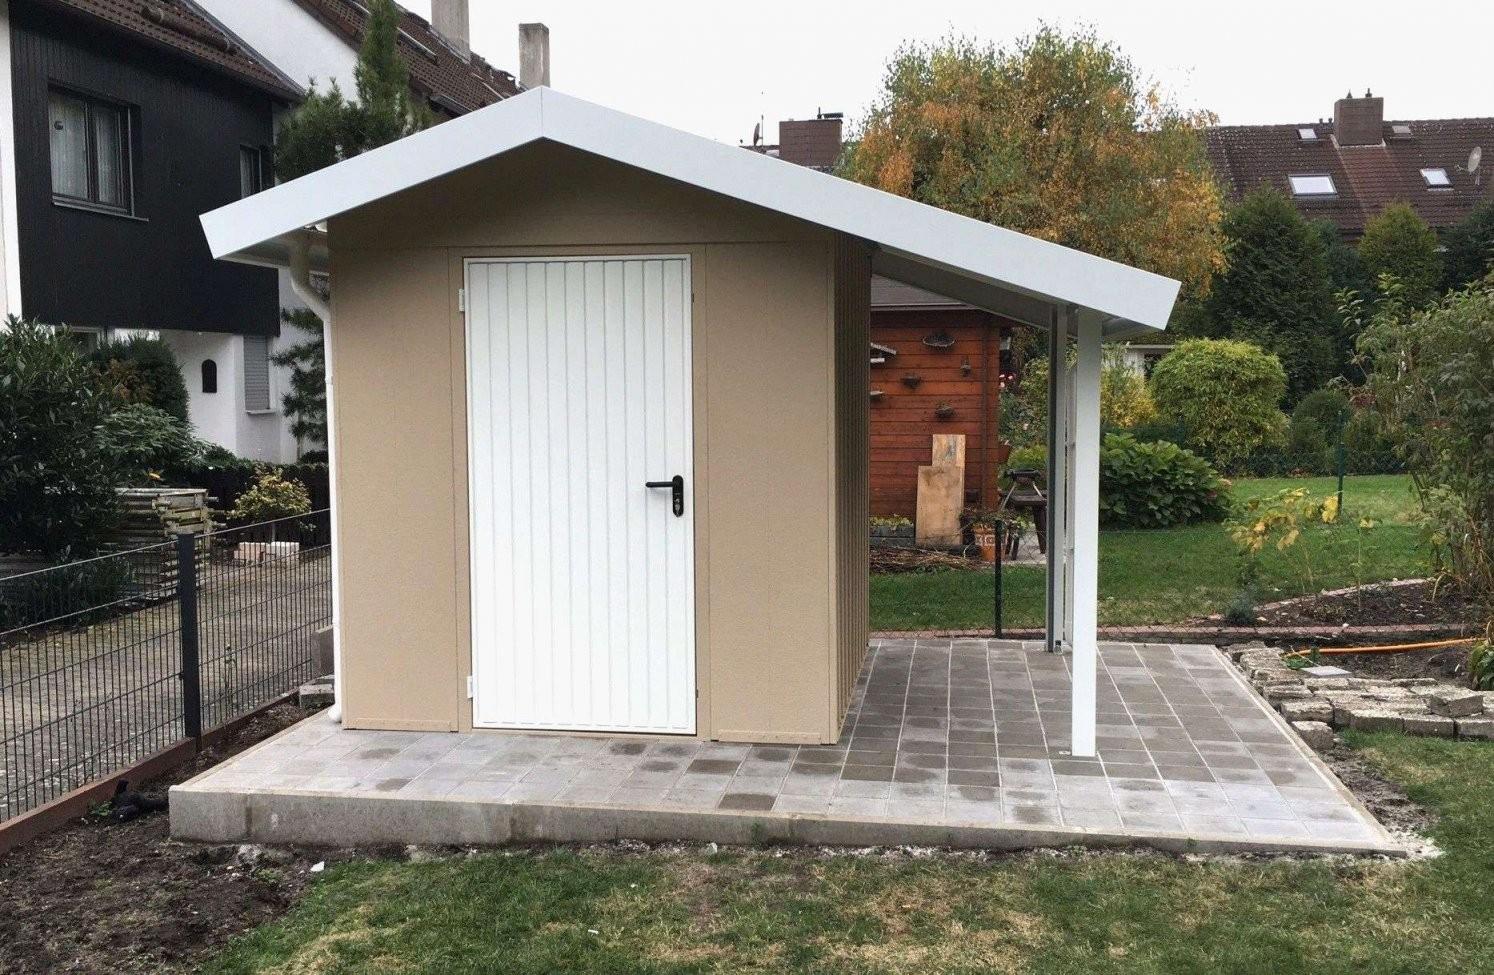 Garten Schuppen Elegant Pavillon Selber Bauen Kosten Konzept von Gartenhaus Ytong Selber Bauen Photo